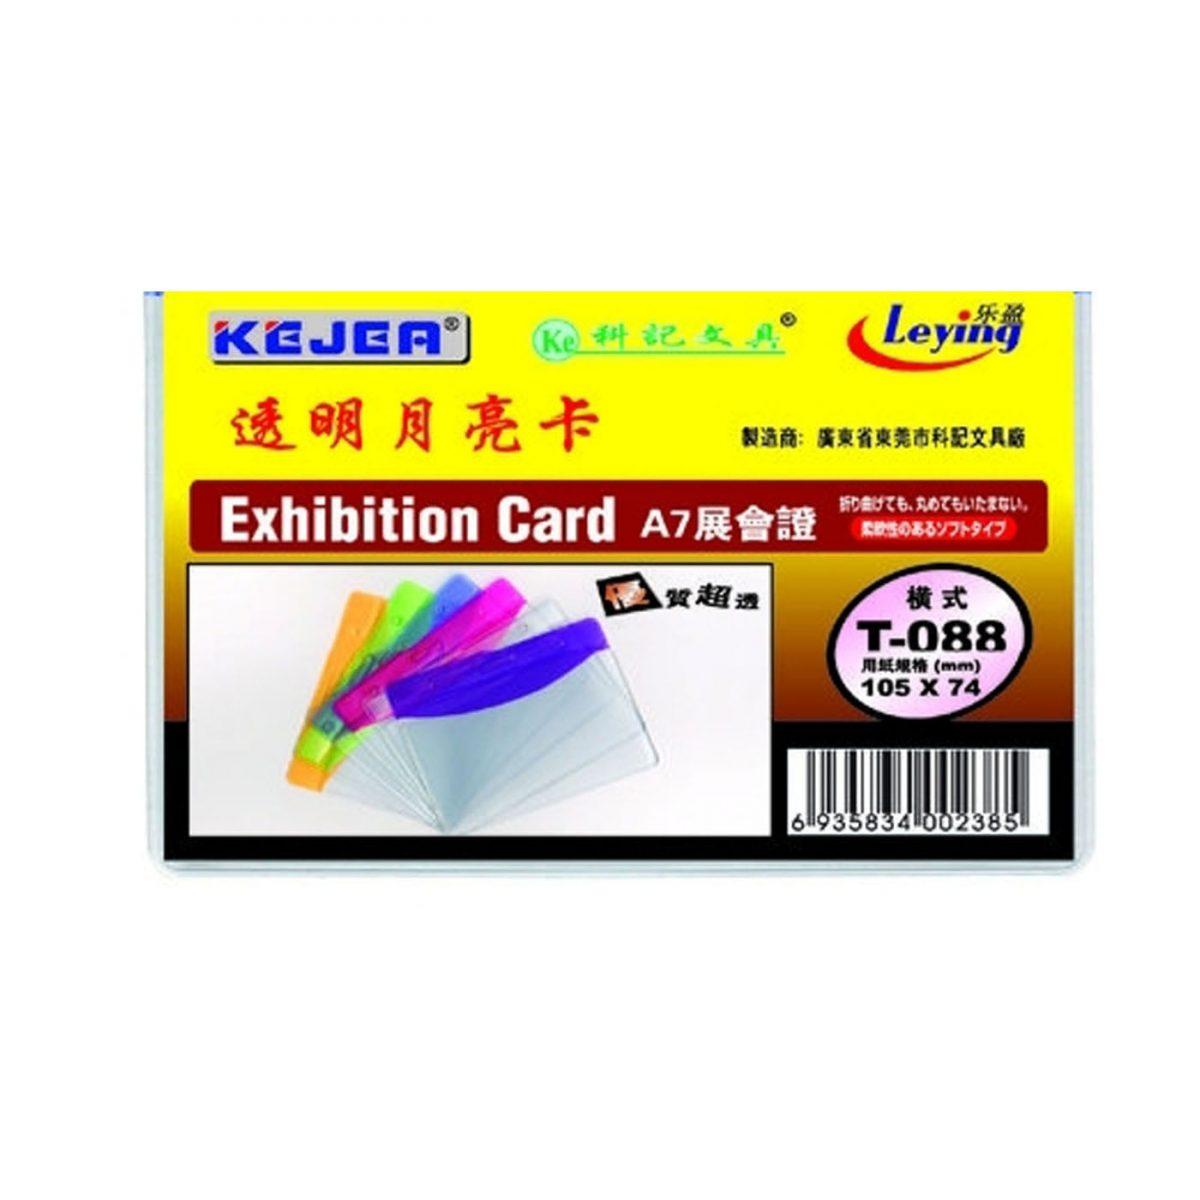 Suport orizontal pentru ID carduri, 105 x 74mm, orizontal, 10 buc/set, KEJEA - margine transp. color